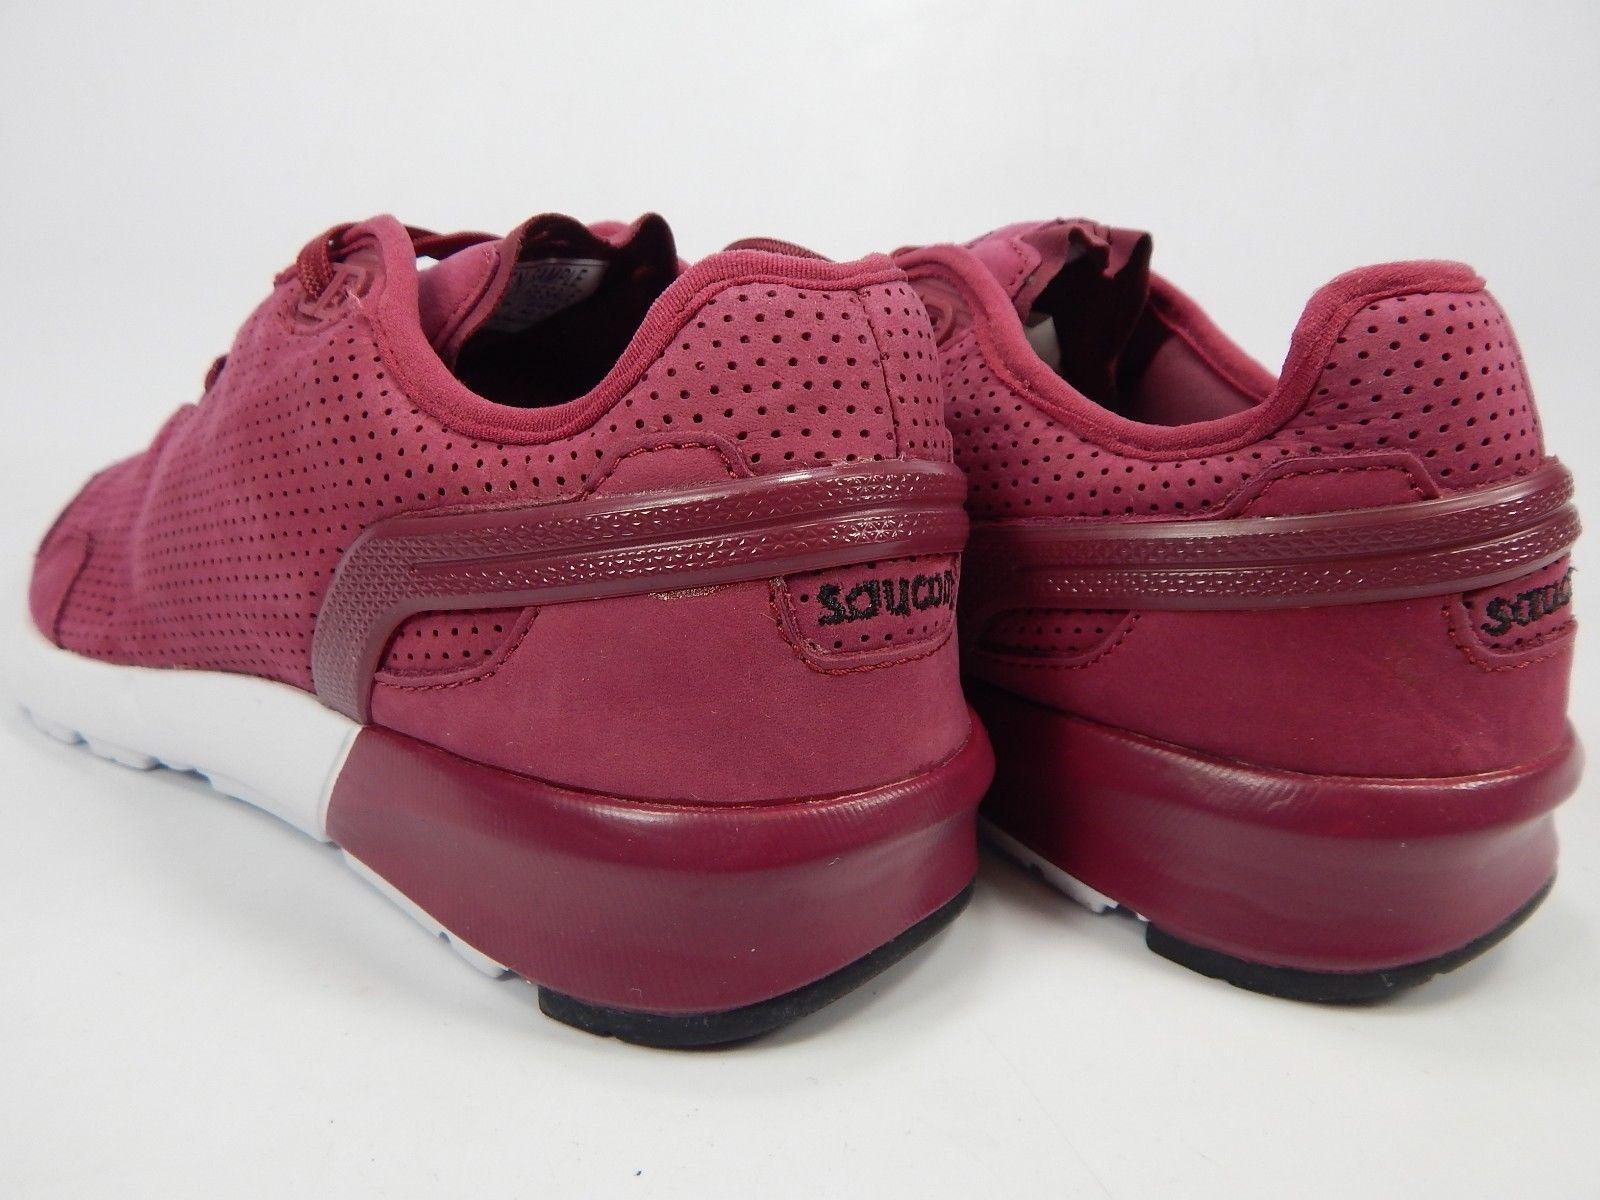 Saucony Shadow 5K 5000 Mod Original Men's Shoes S40016-3 Size 9 M (D) EU 42.5